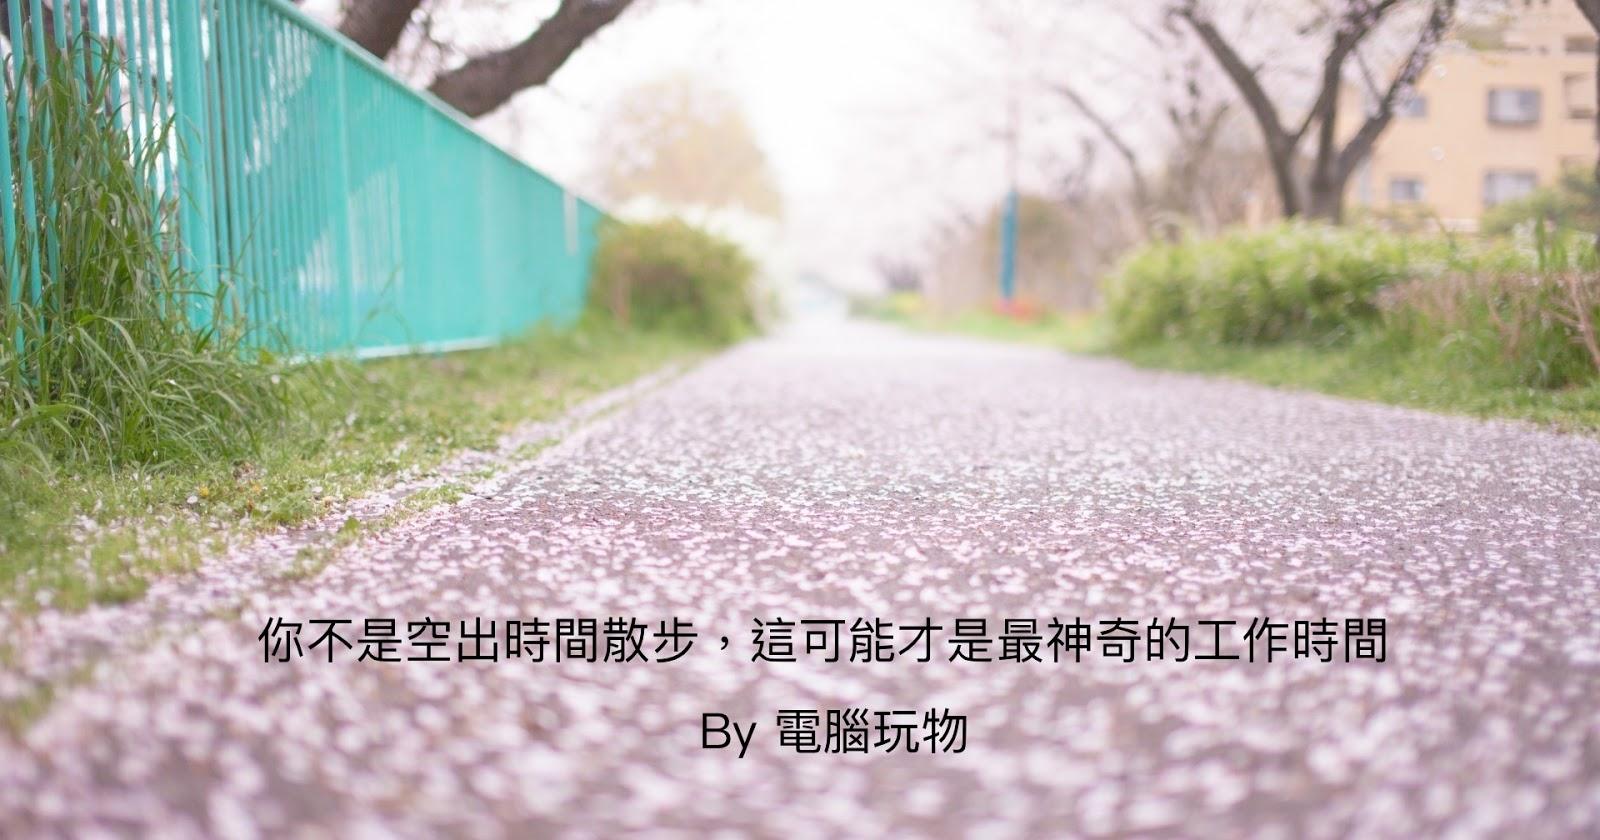 [習慣力-5] 利用午休散步時間解決難題,走路與大腦思考的測試